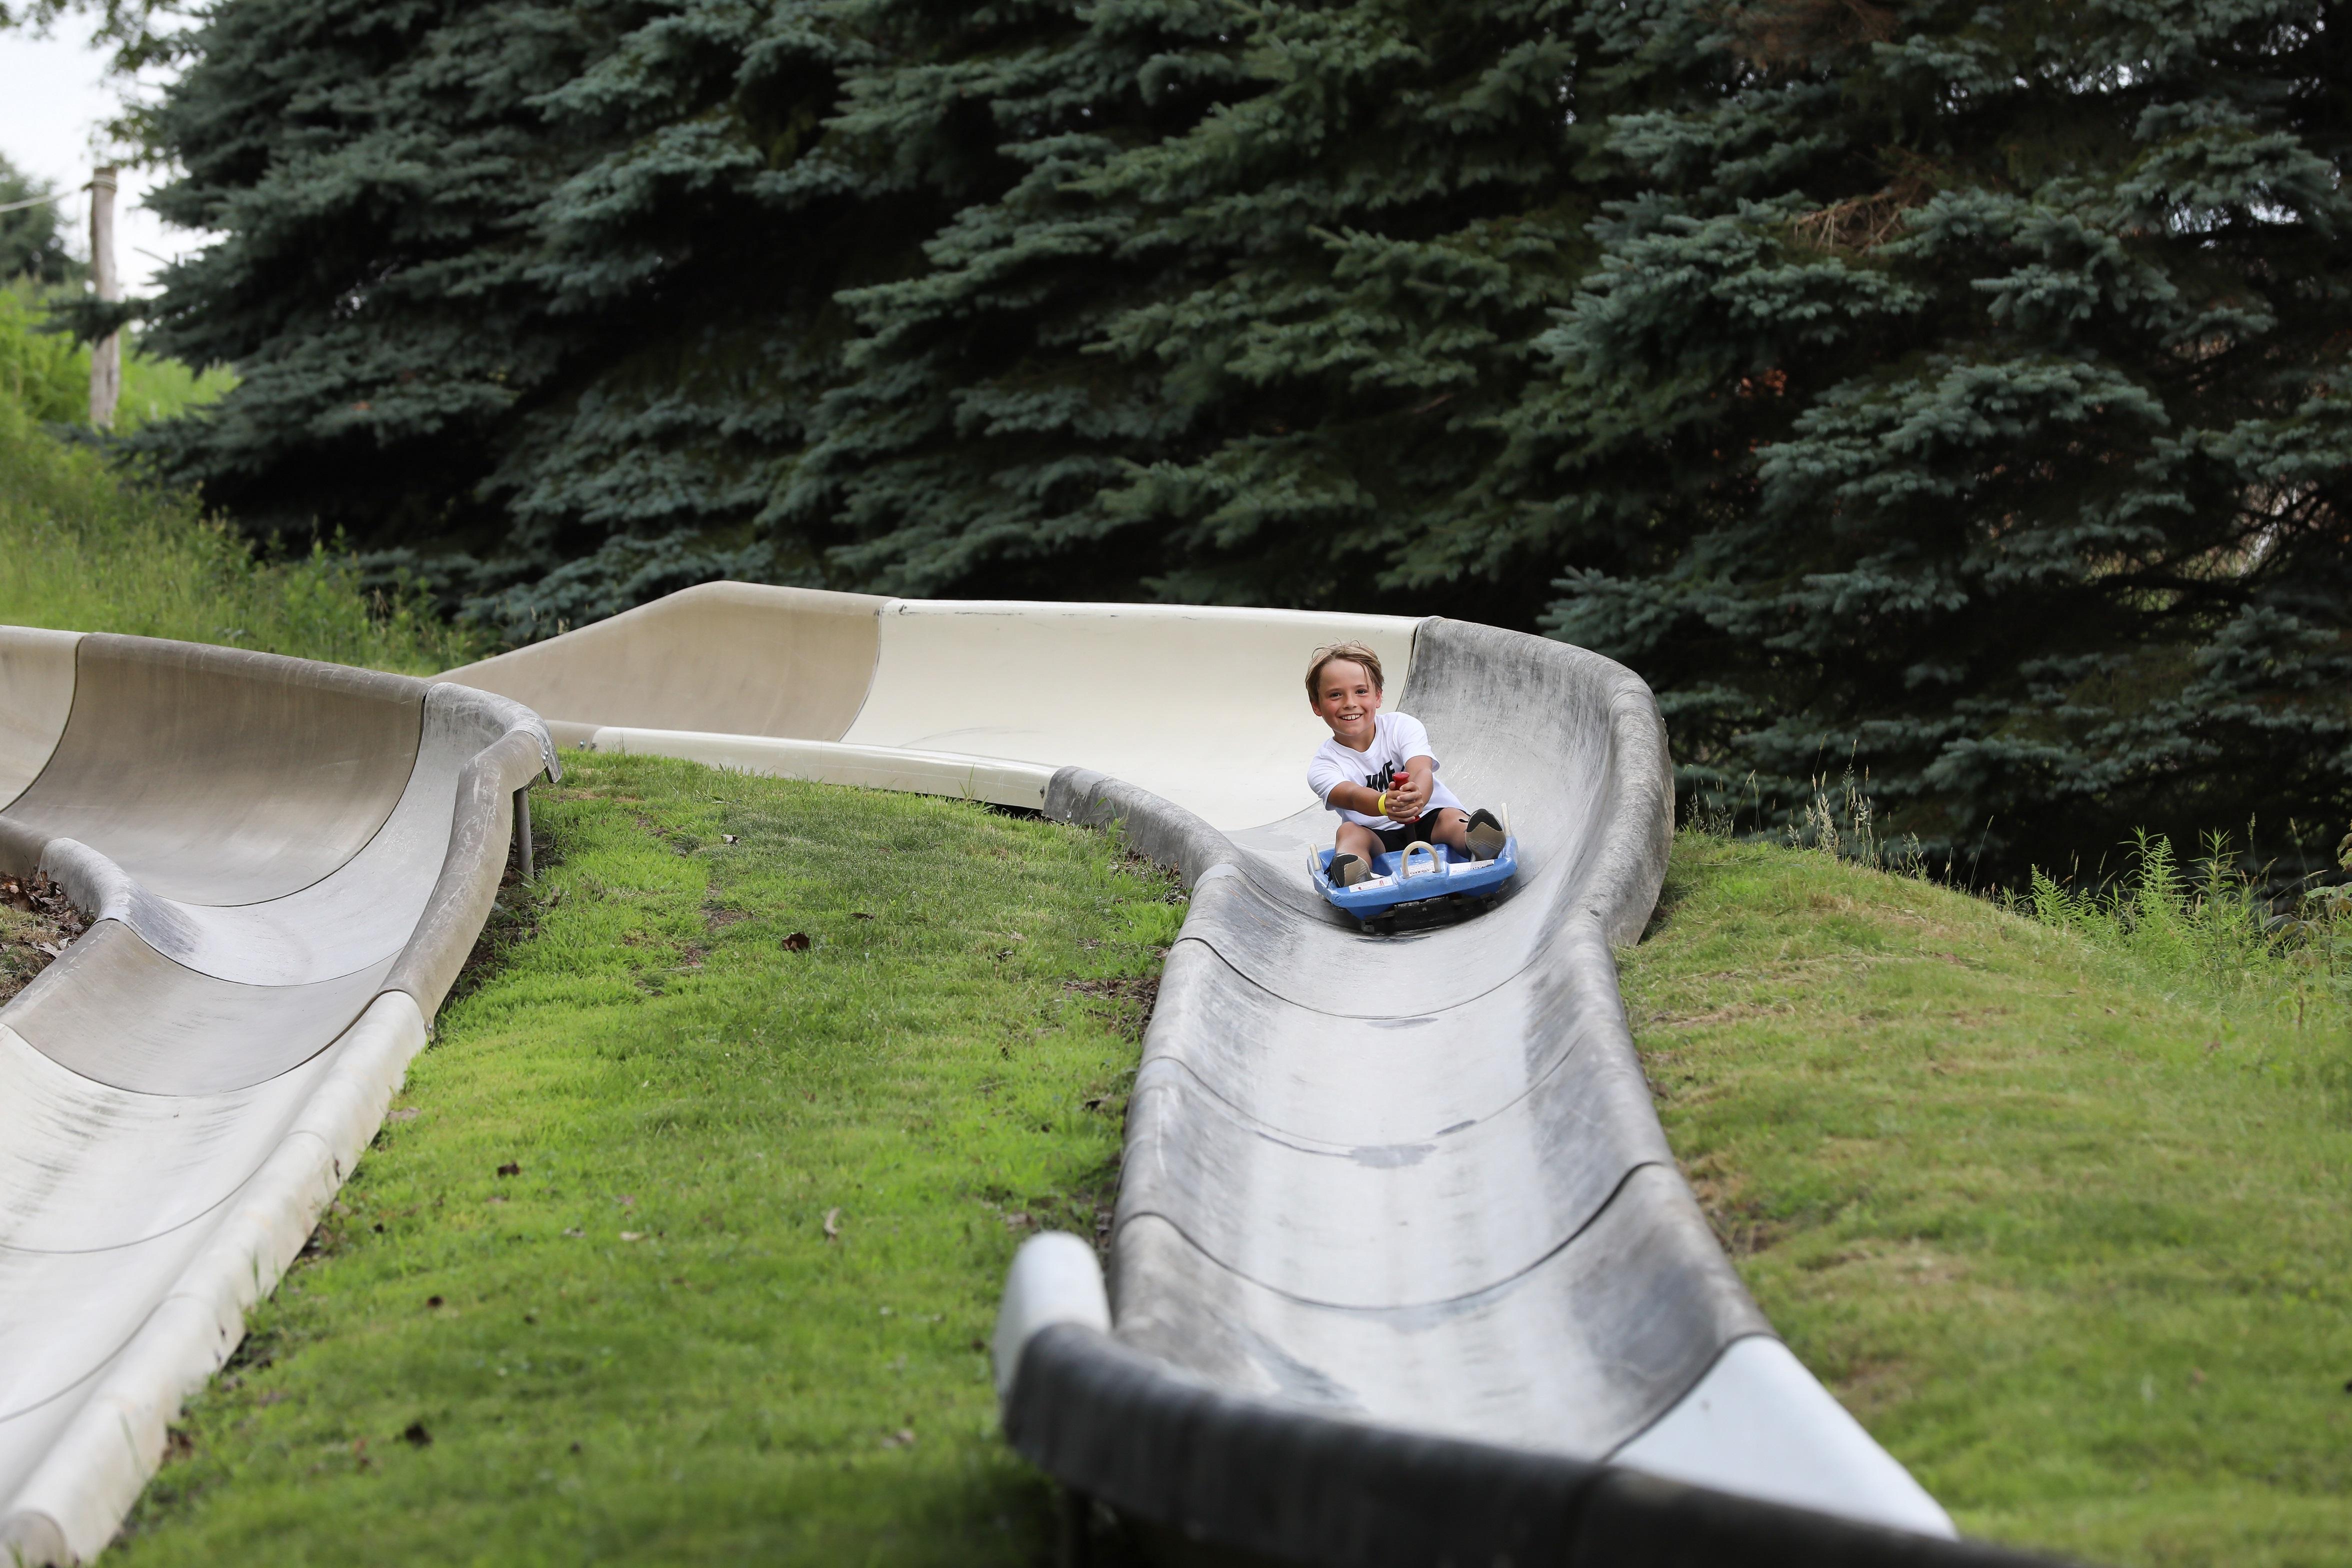 2_Alpine Slide